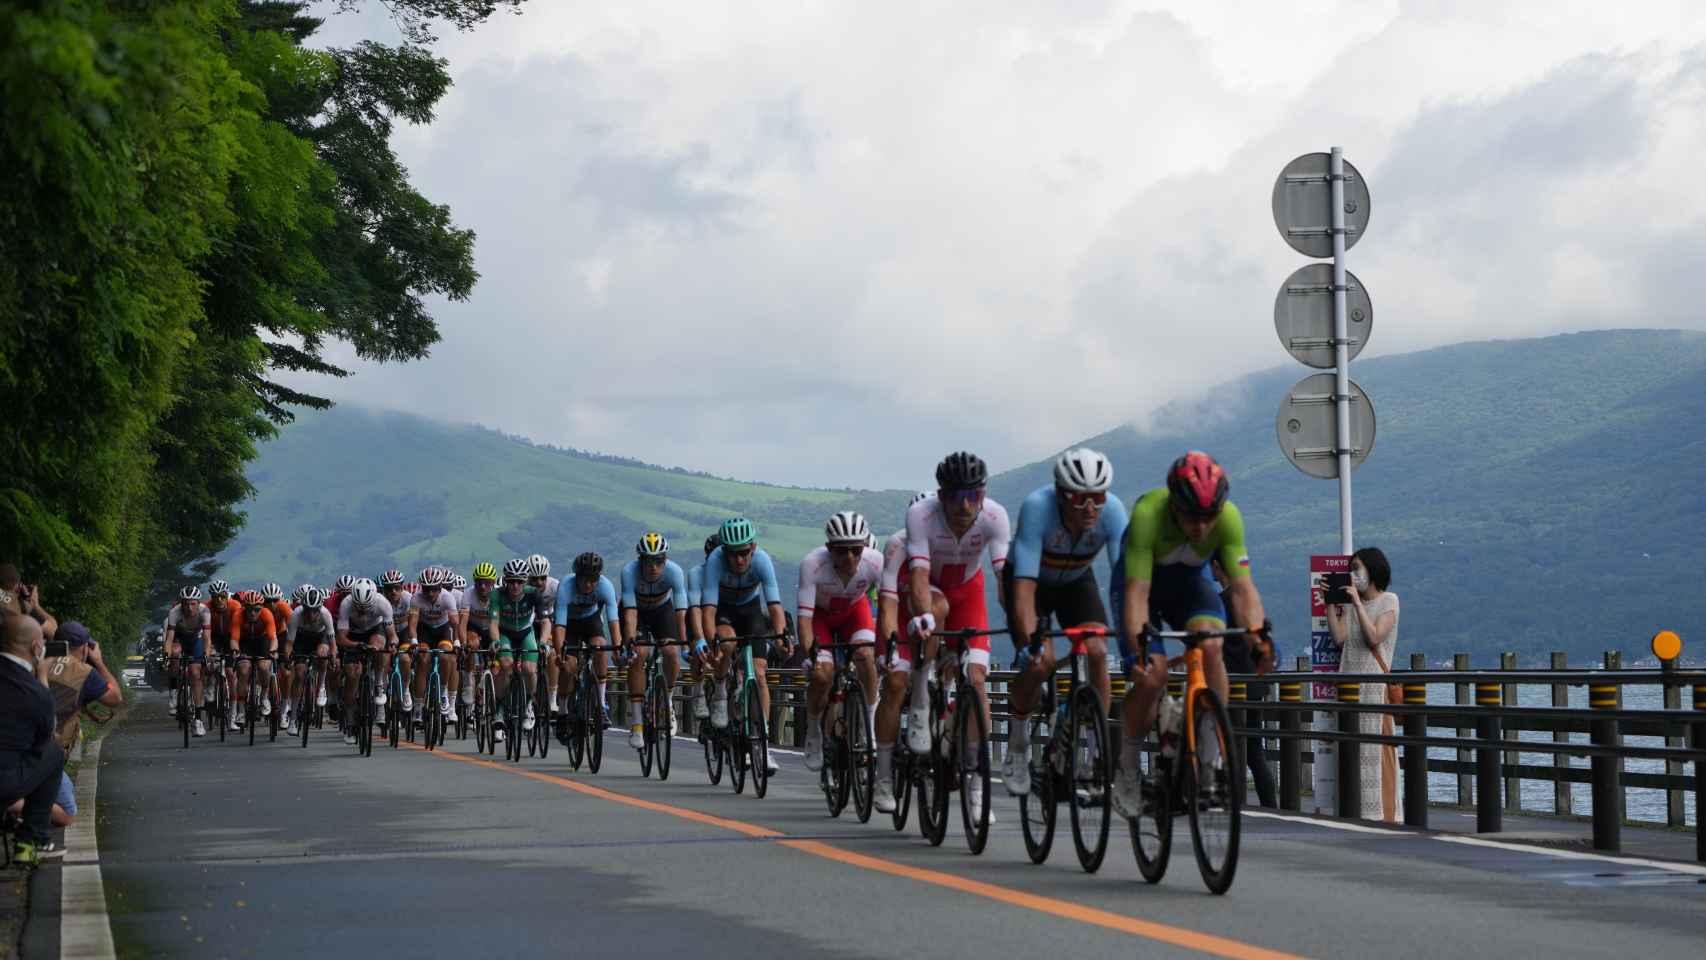 Prueba de ciclismo en ruta de los JJOO de Tokio 2020